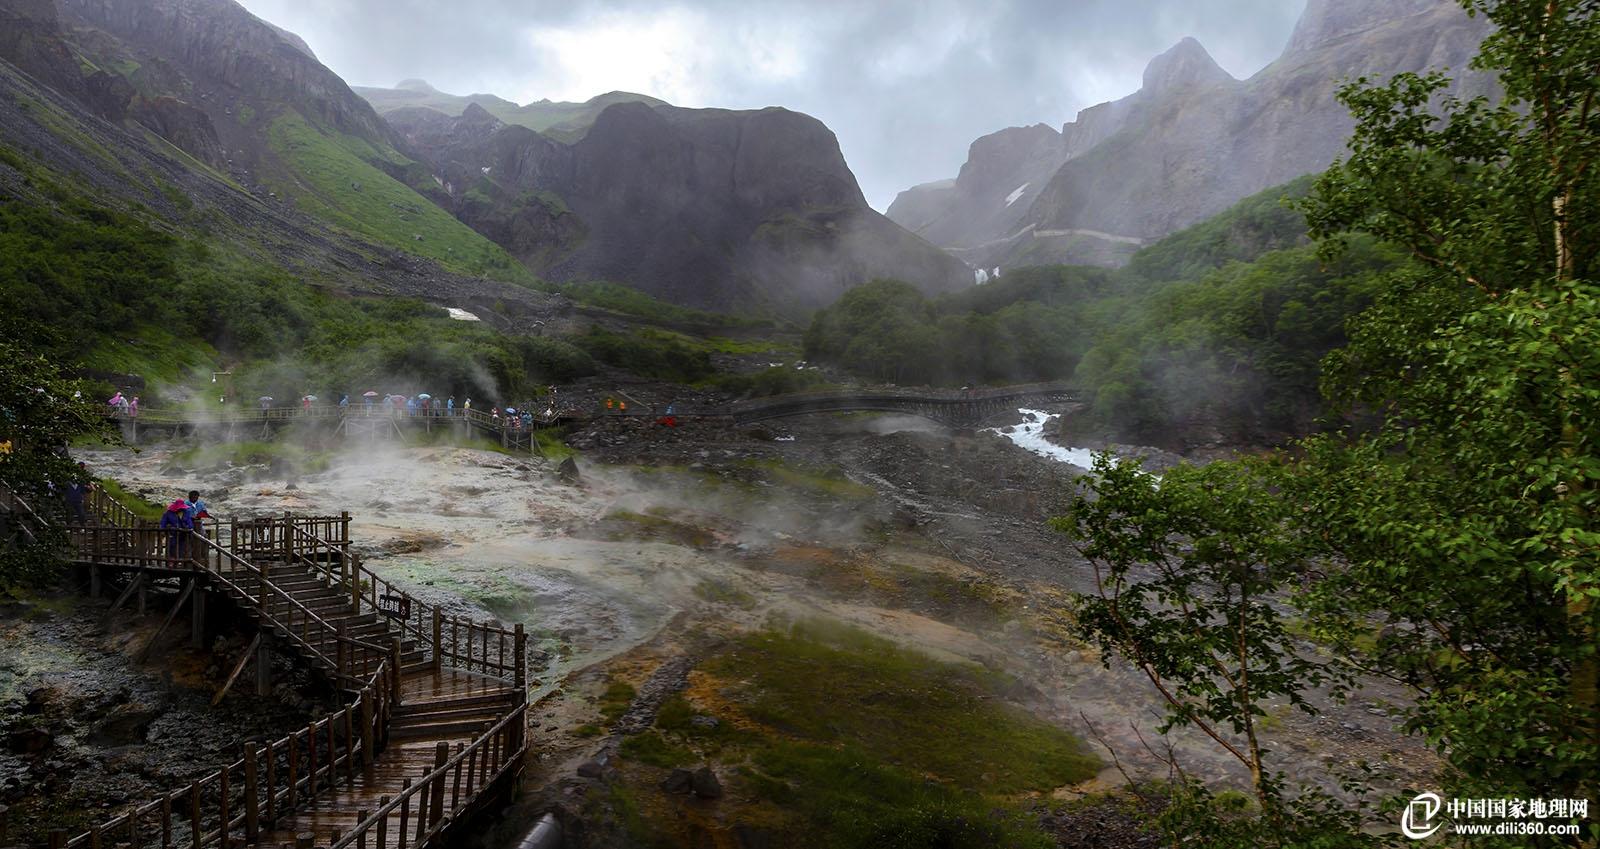 长白山的温泉群-在长白山的黑风口滚滚黑石下面有几十